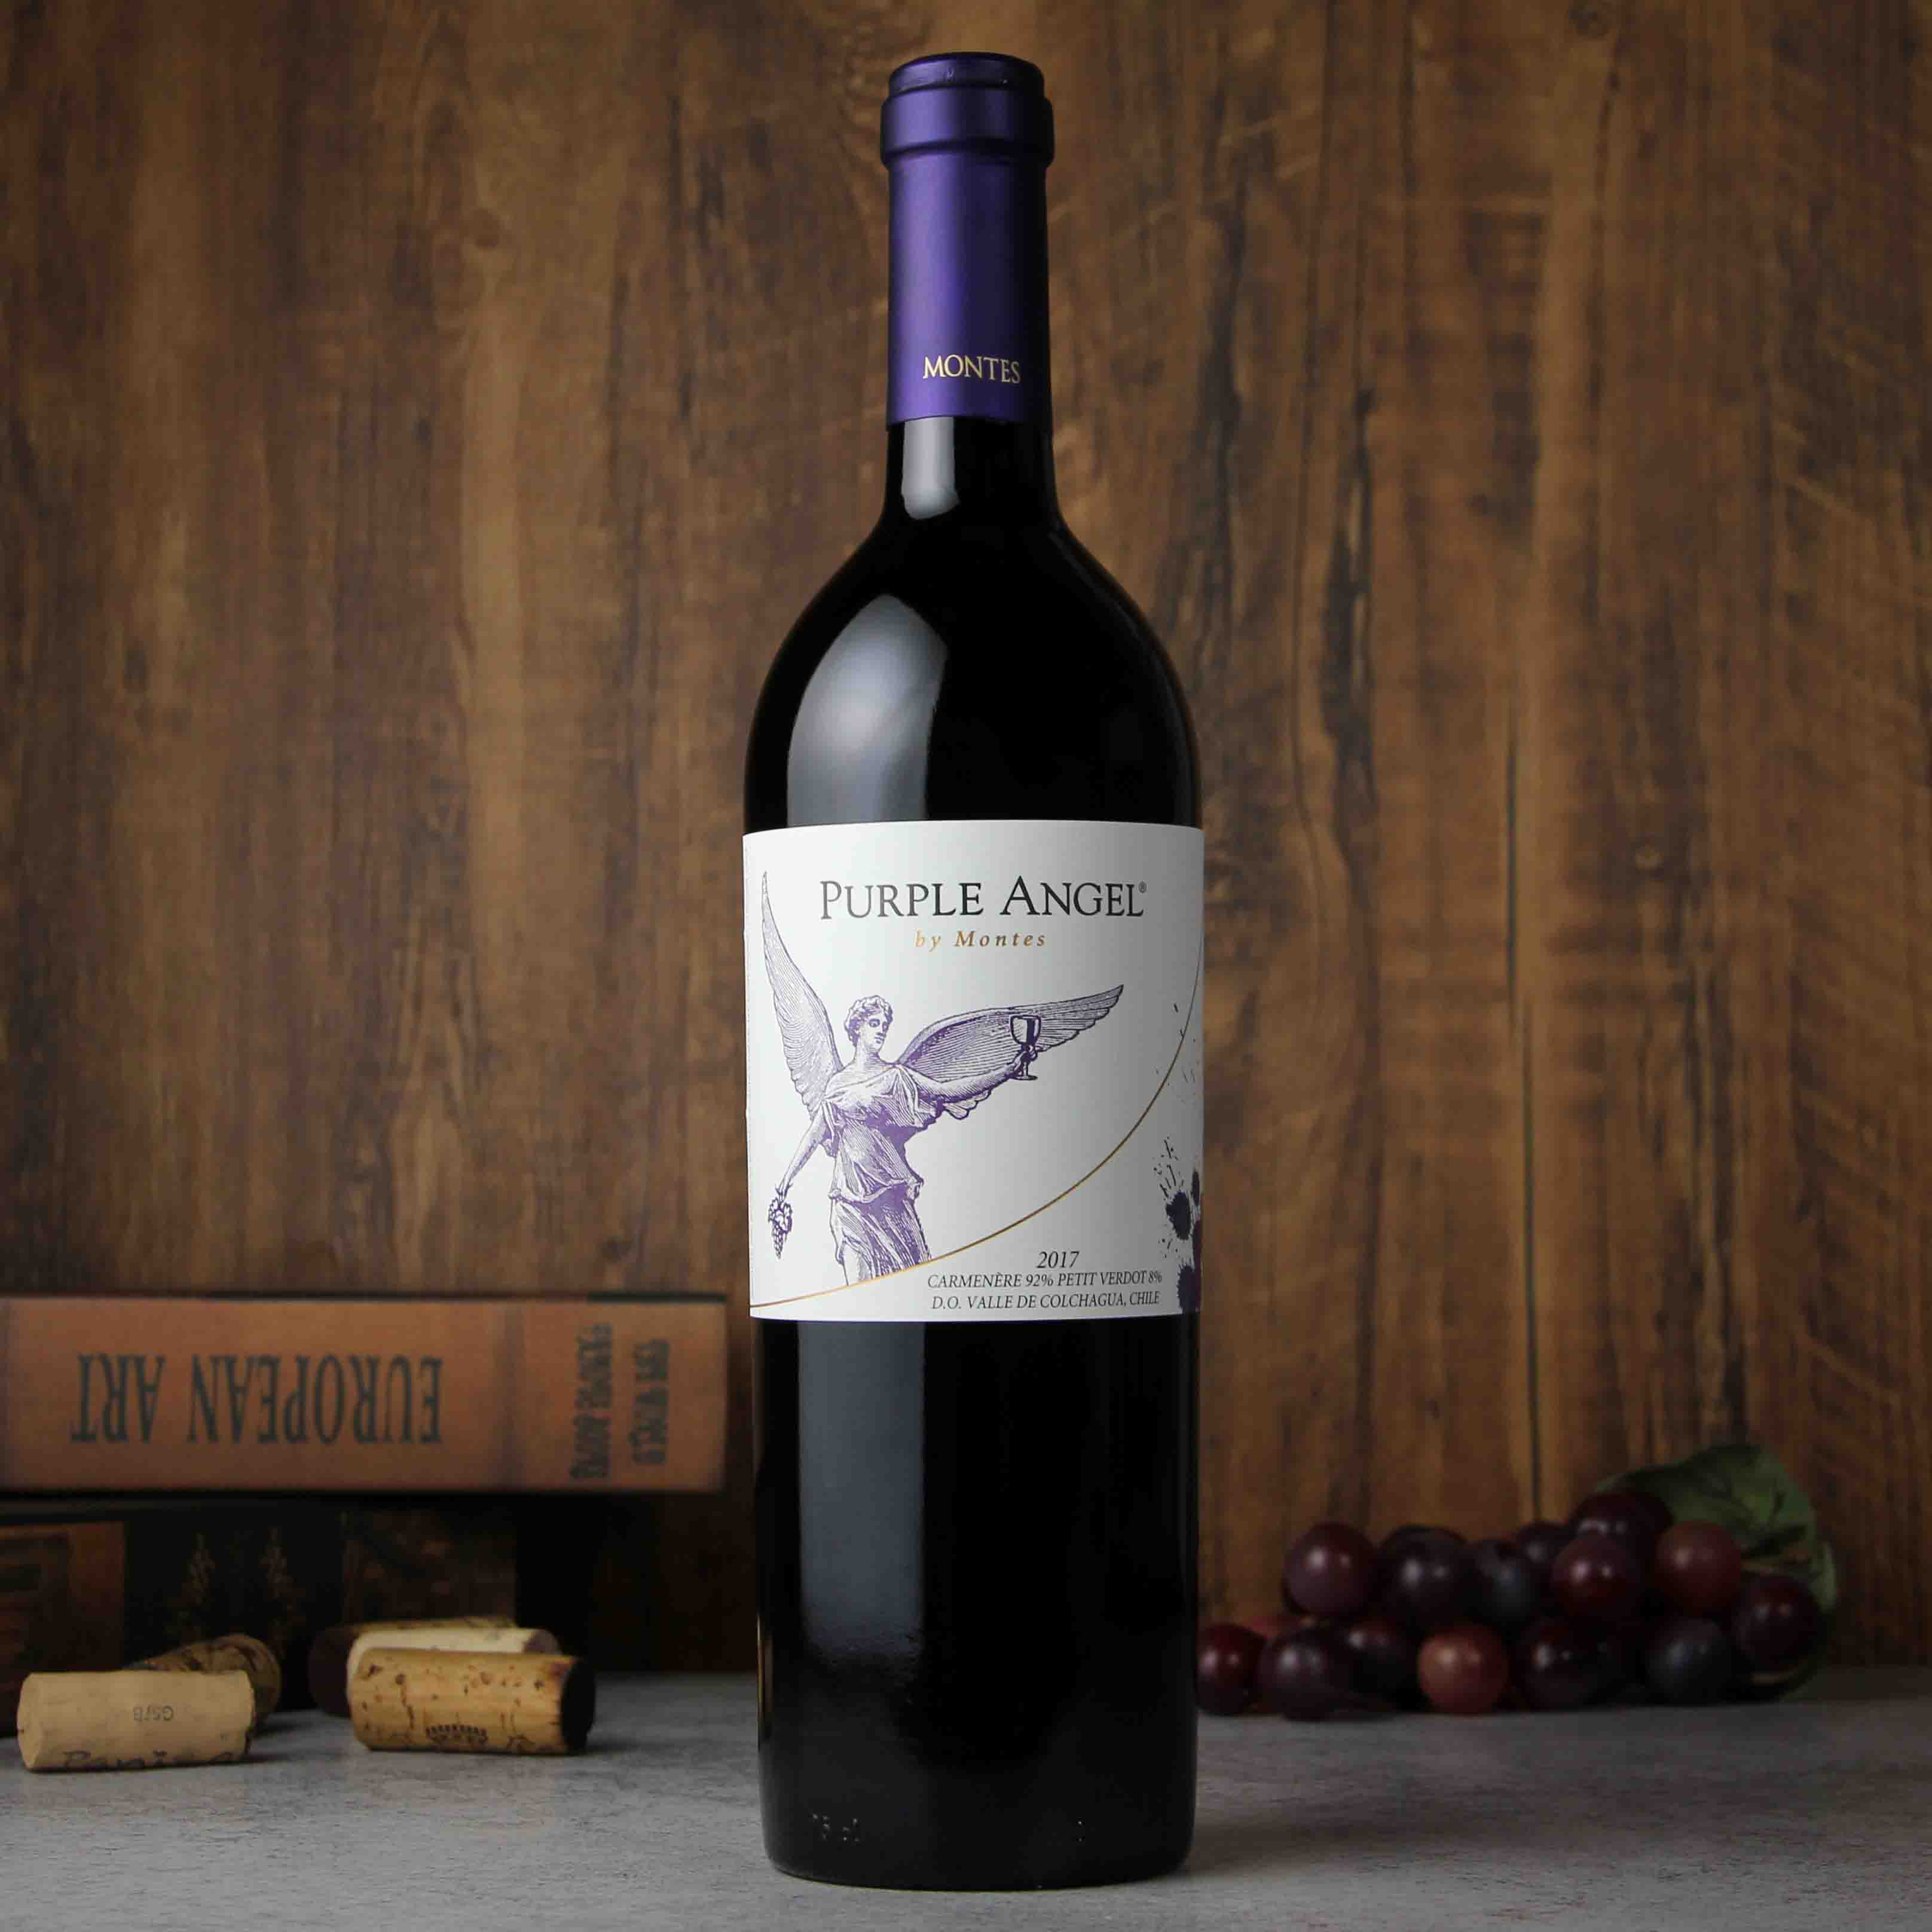 蒙特斯紫天使干红葡萄酒